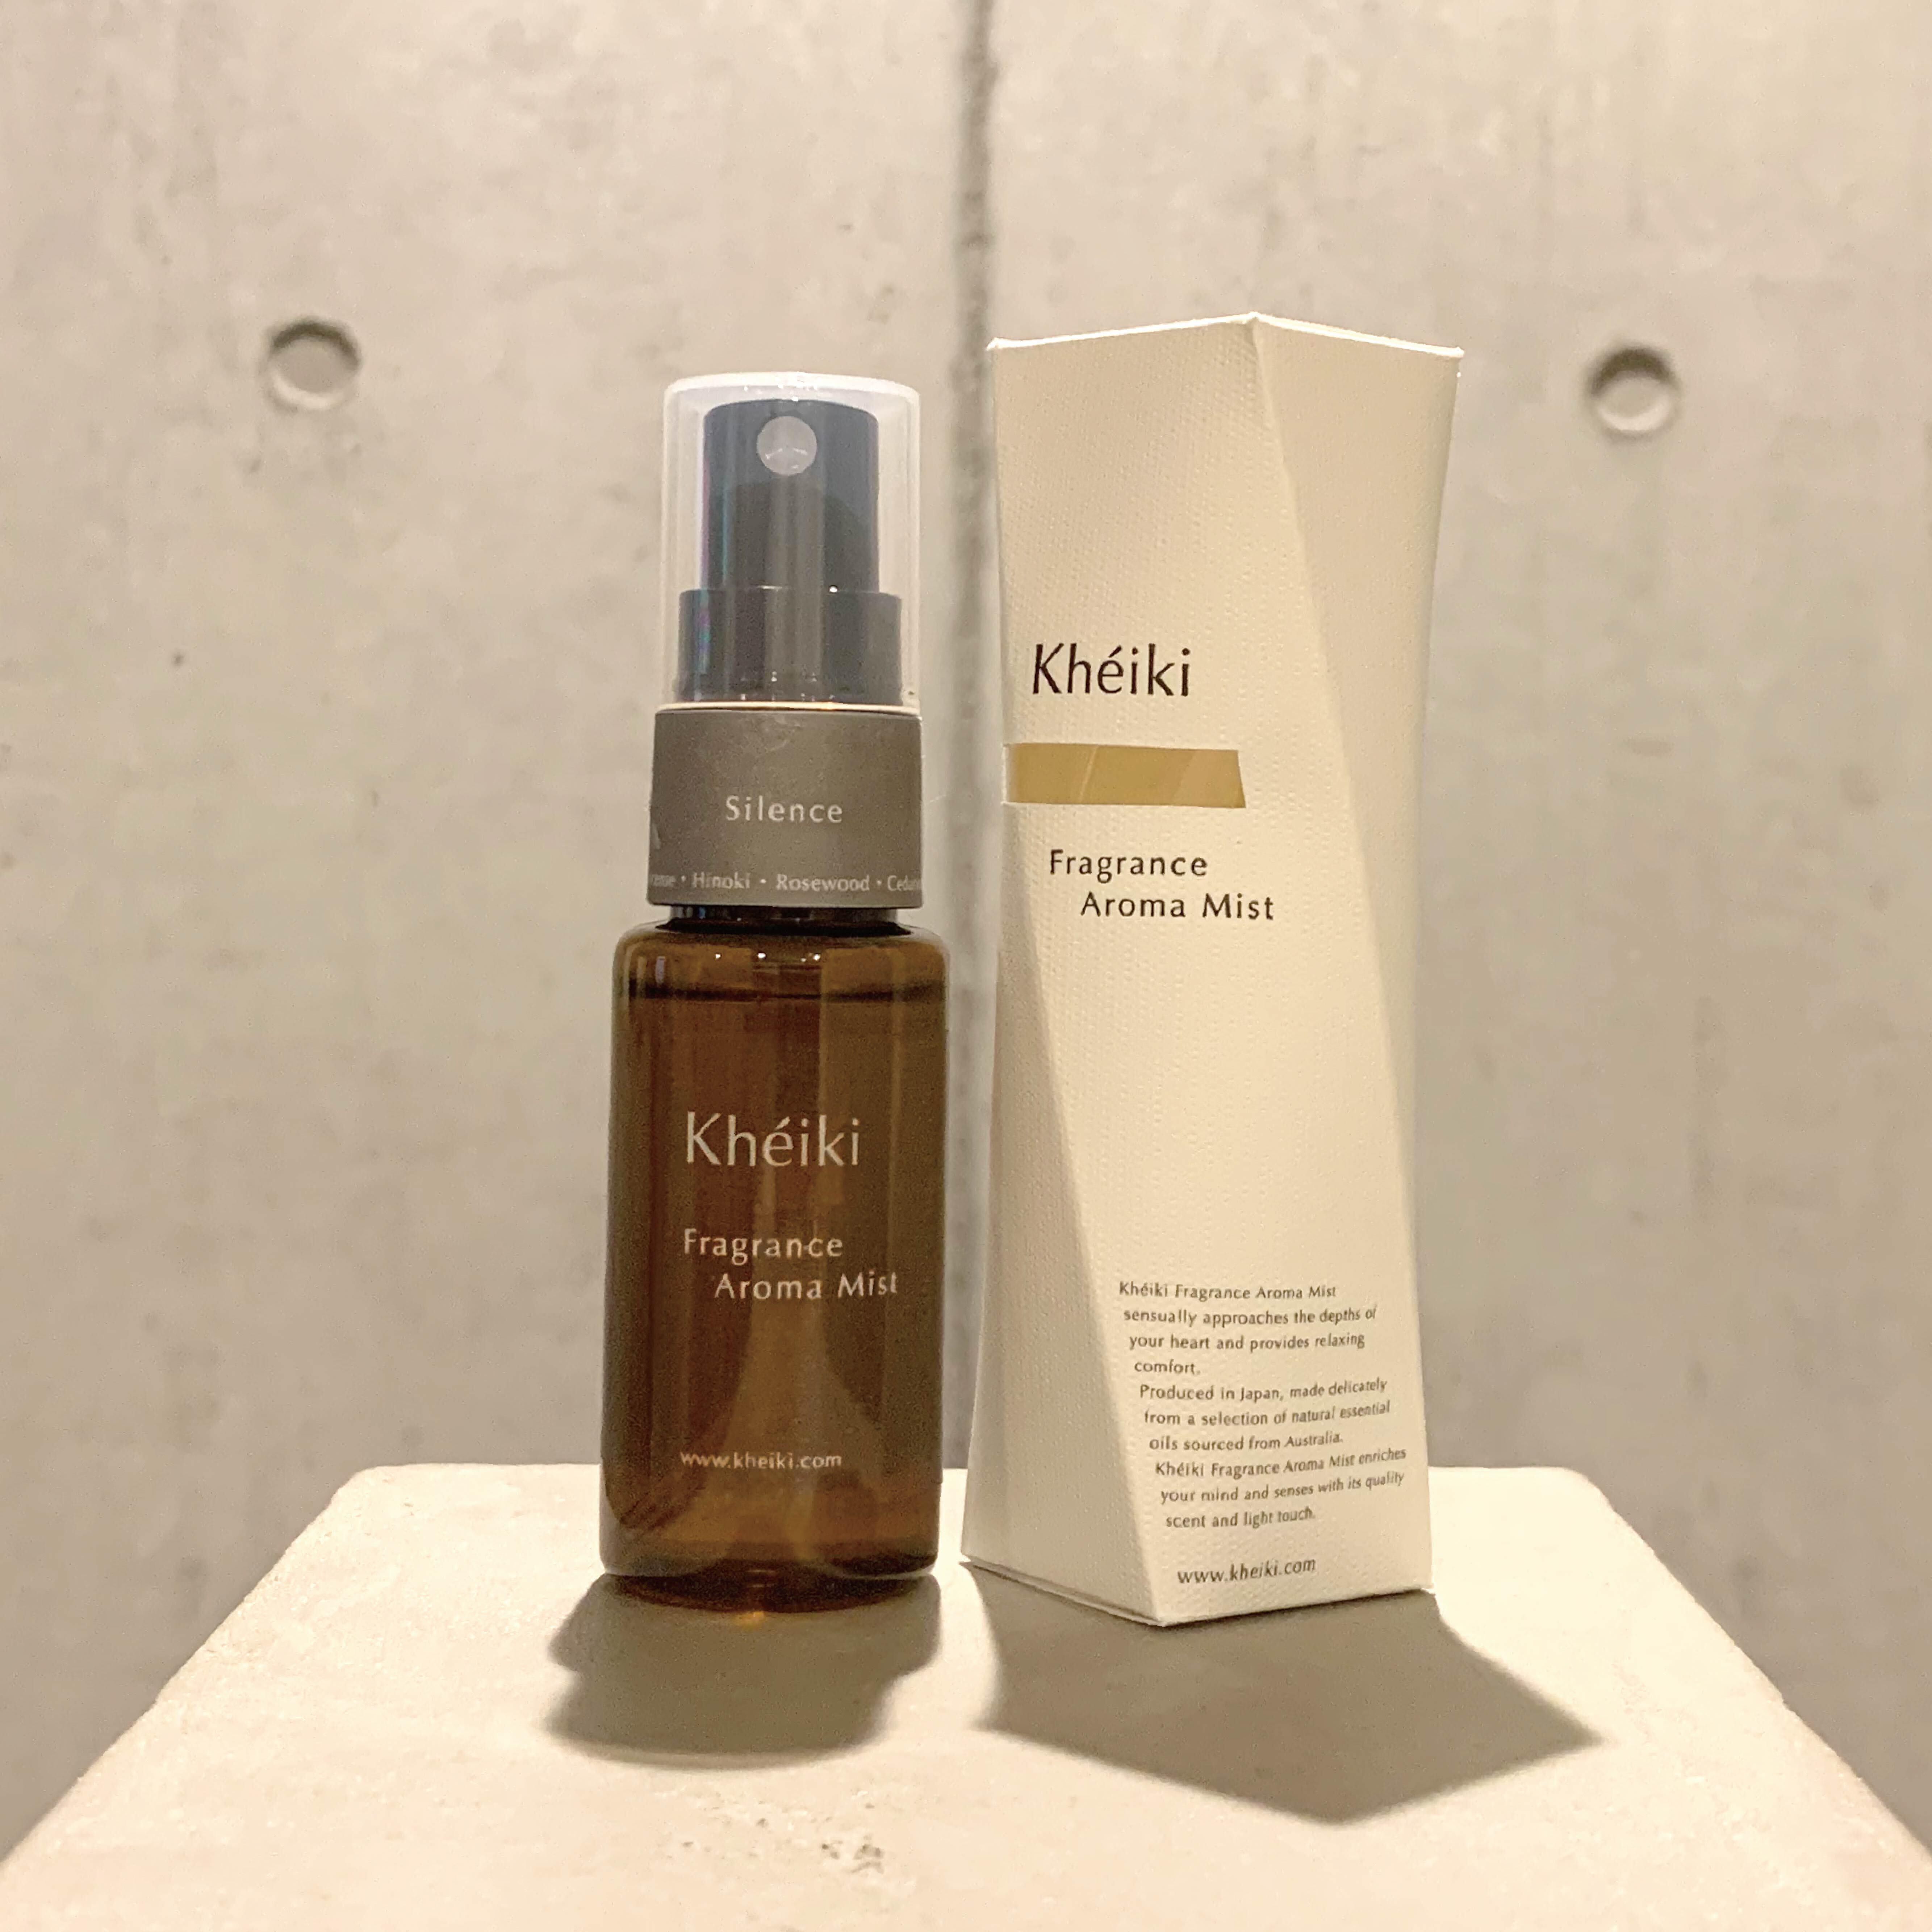 Fragrance Aroma Mist / 30mL / Silence